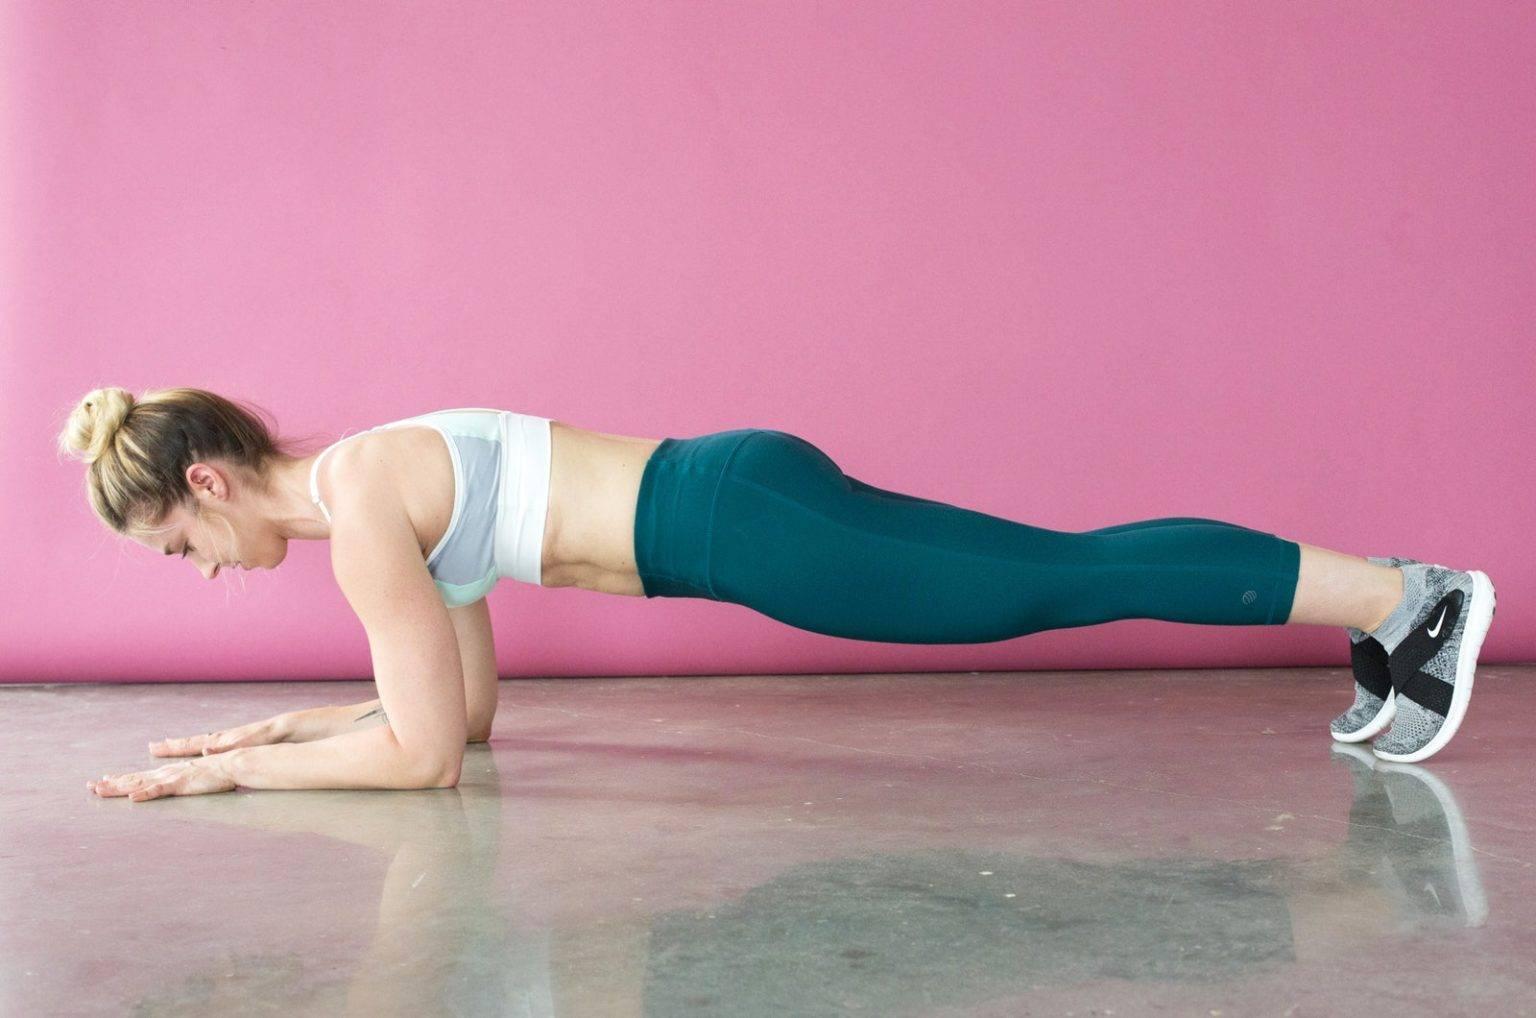 Упражнение планка - как правильно делать до и после